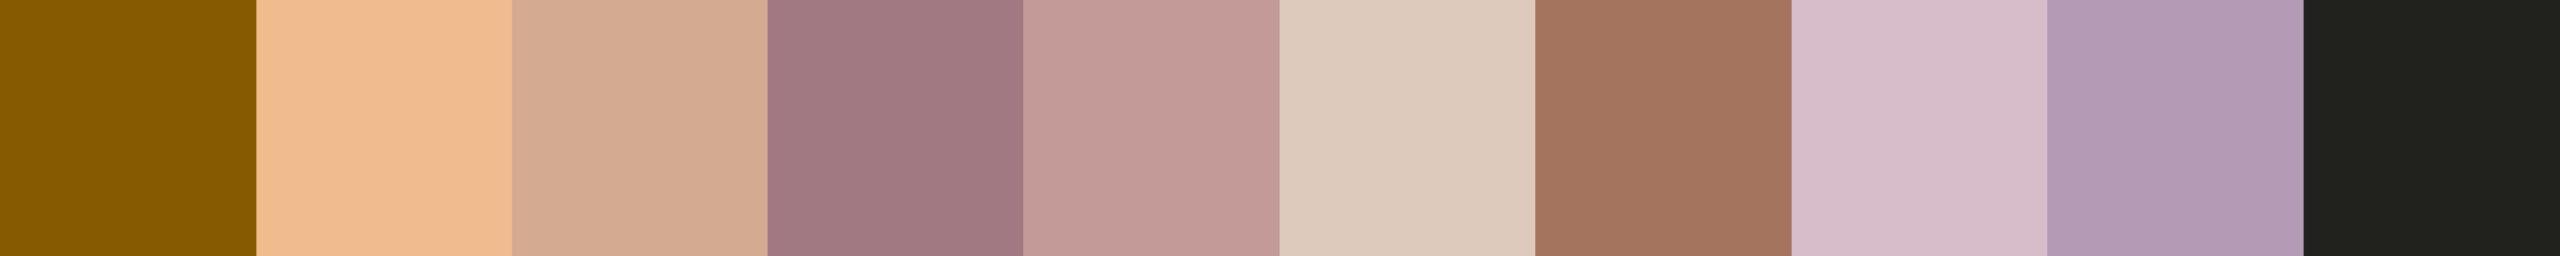 609 Lesiama Color Palette